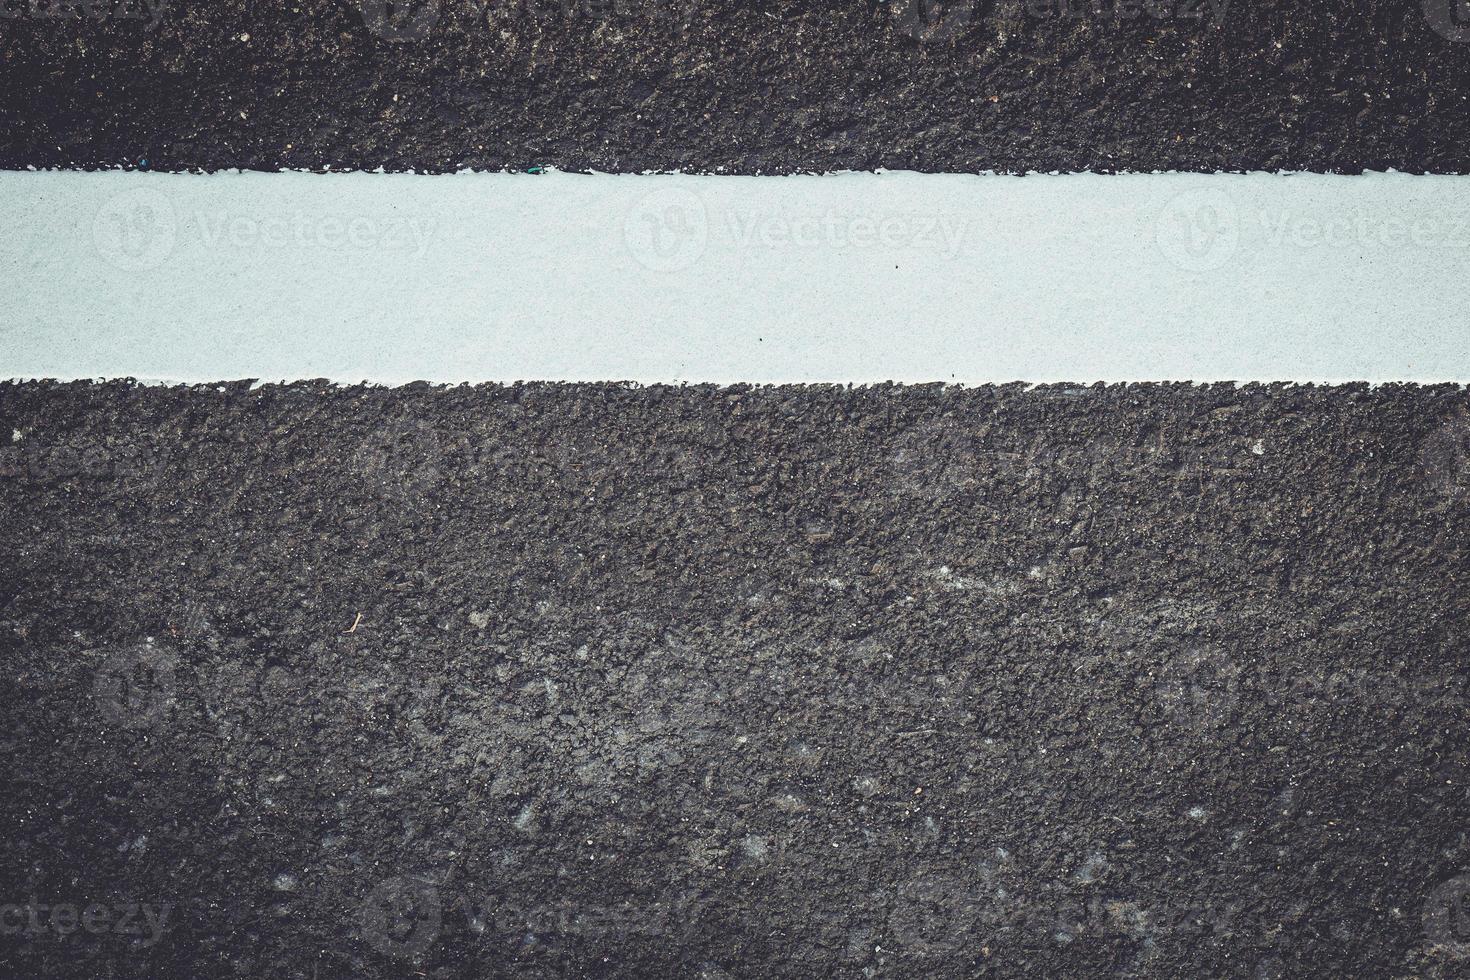 textura de estrada de asfalto foto